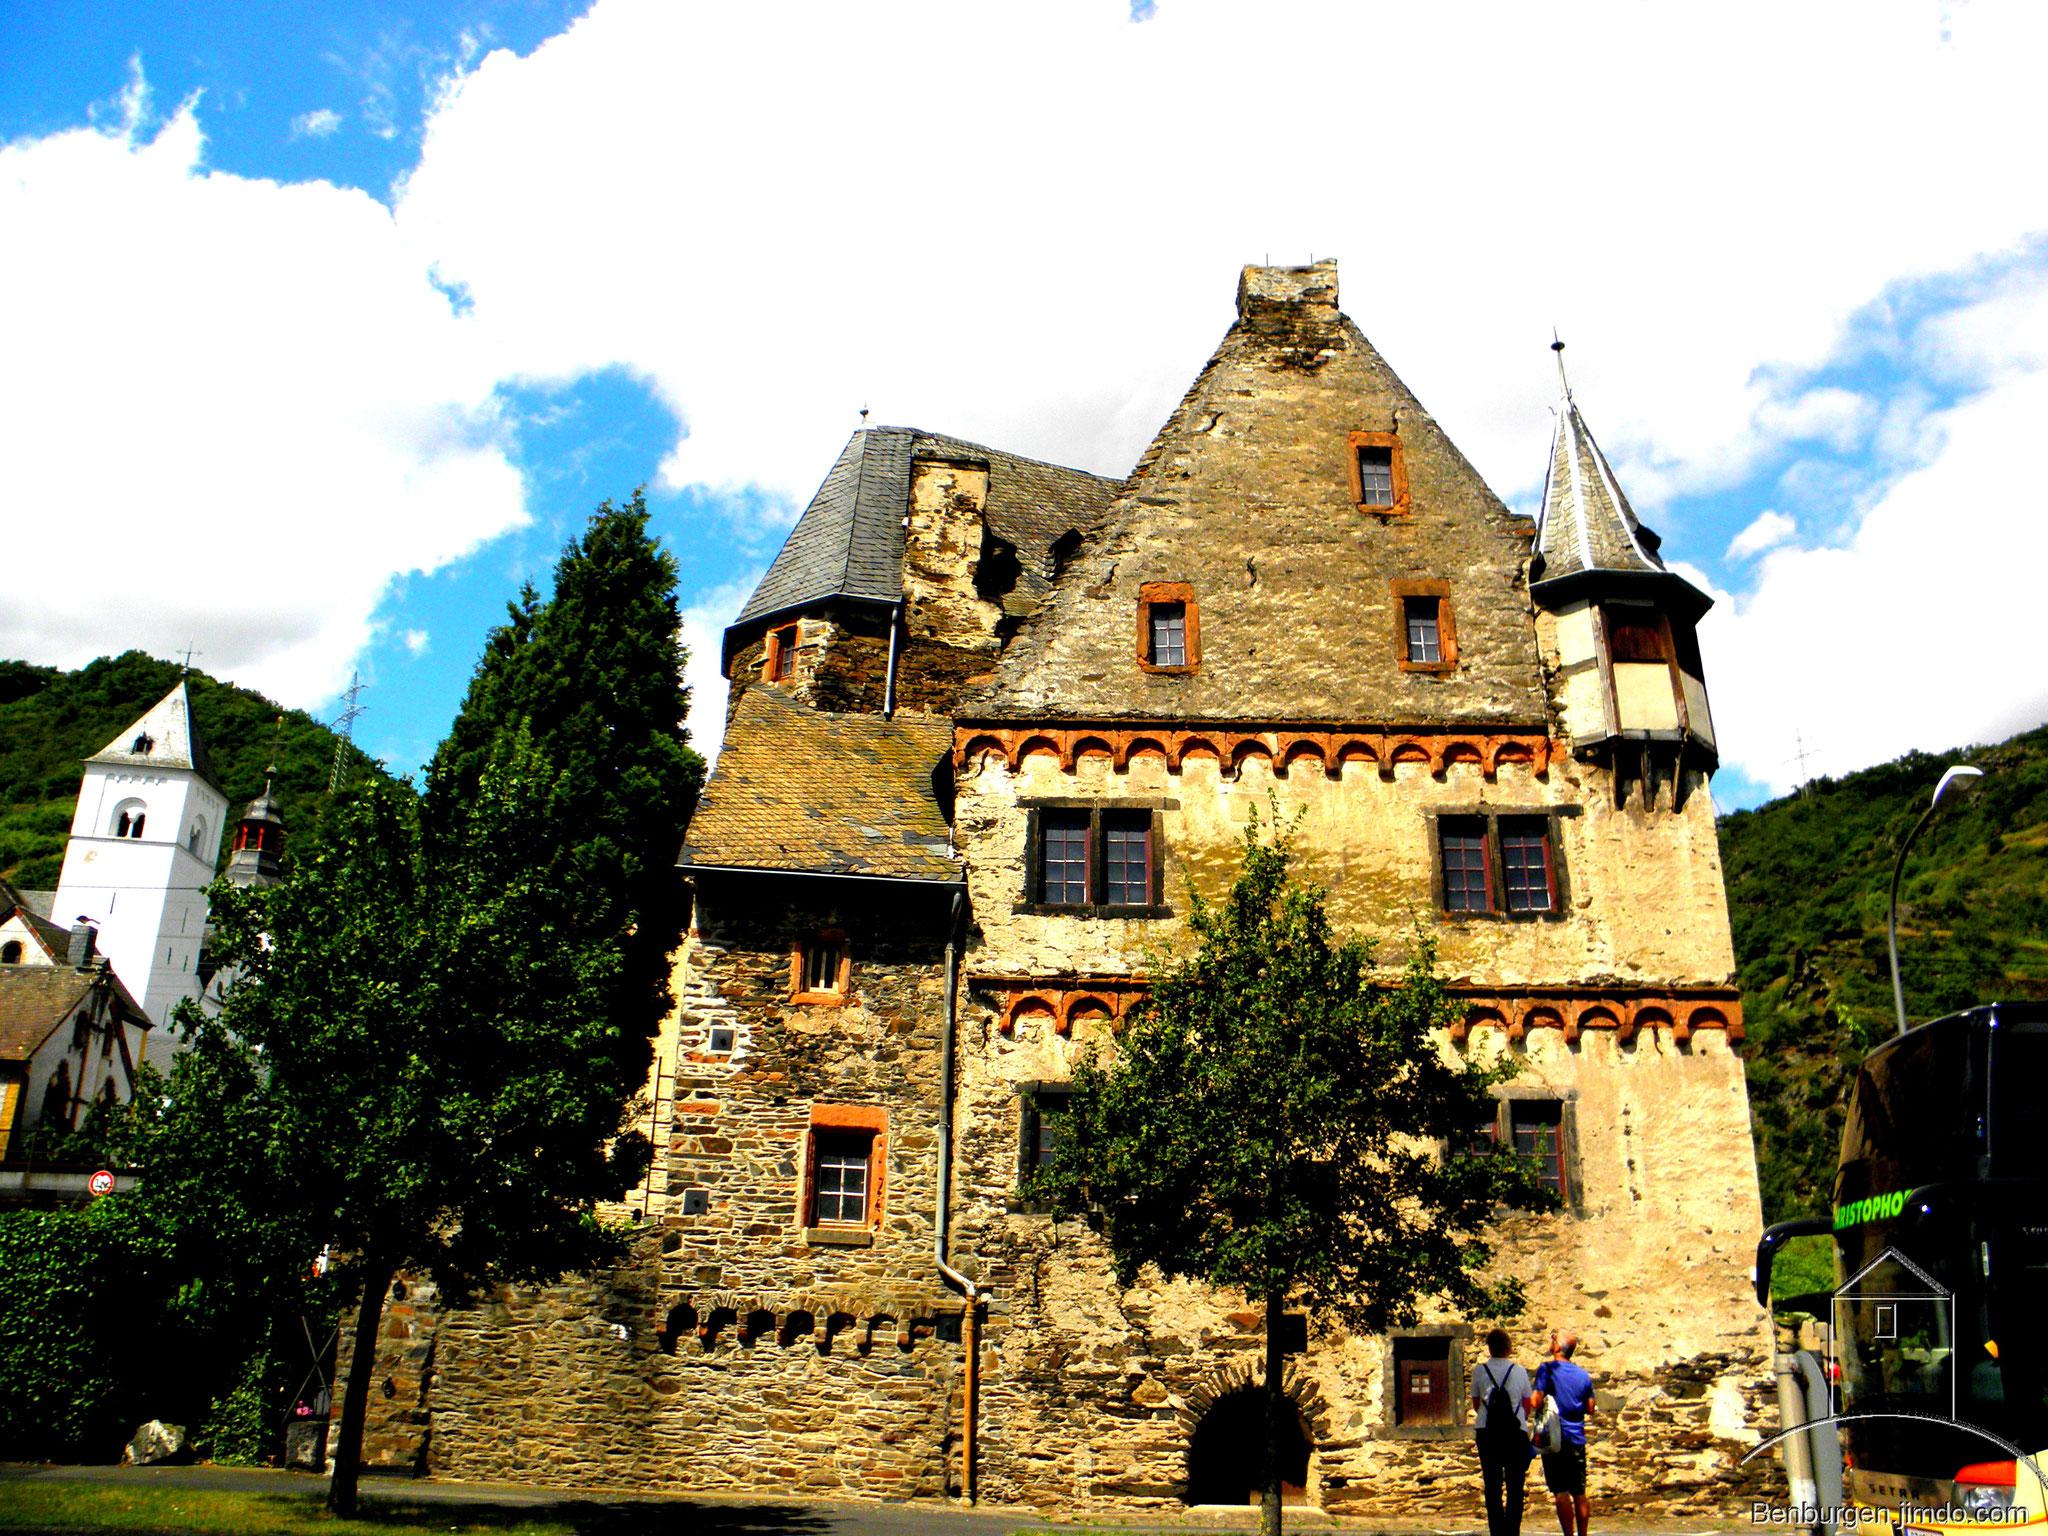 Altes Burgmannenhaus aus dem 16. Jahrhundert.